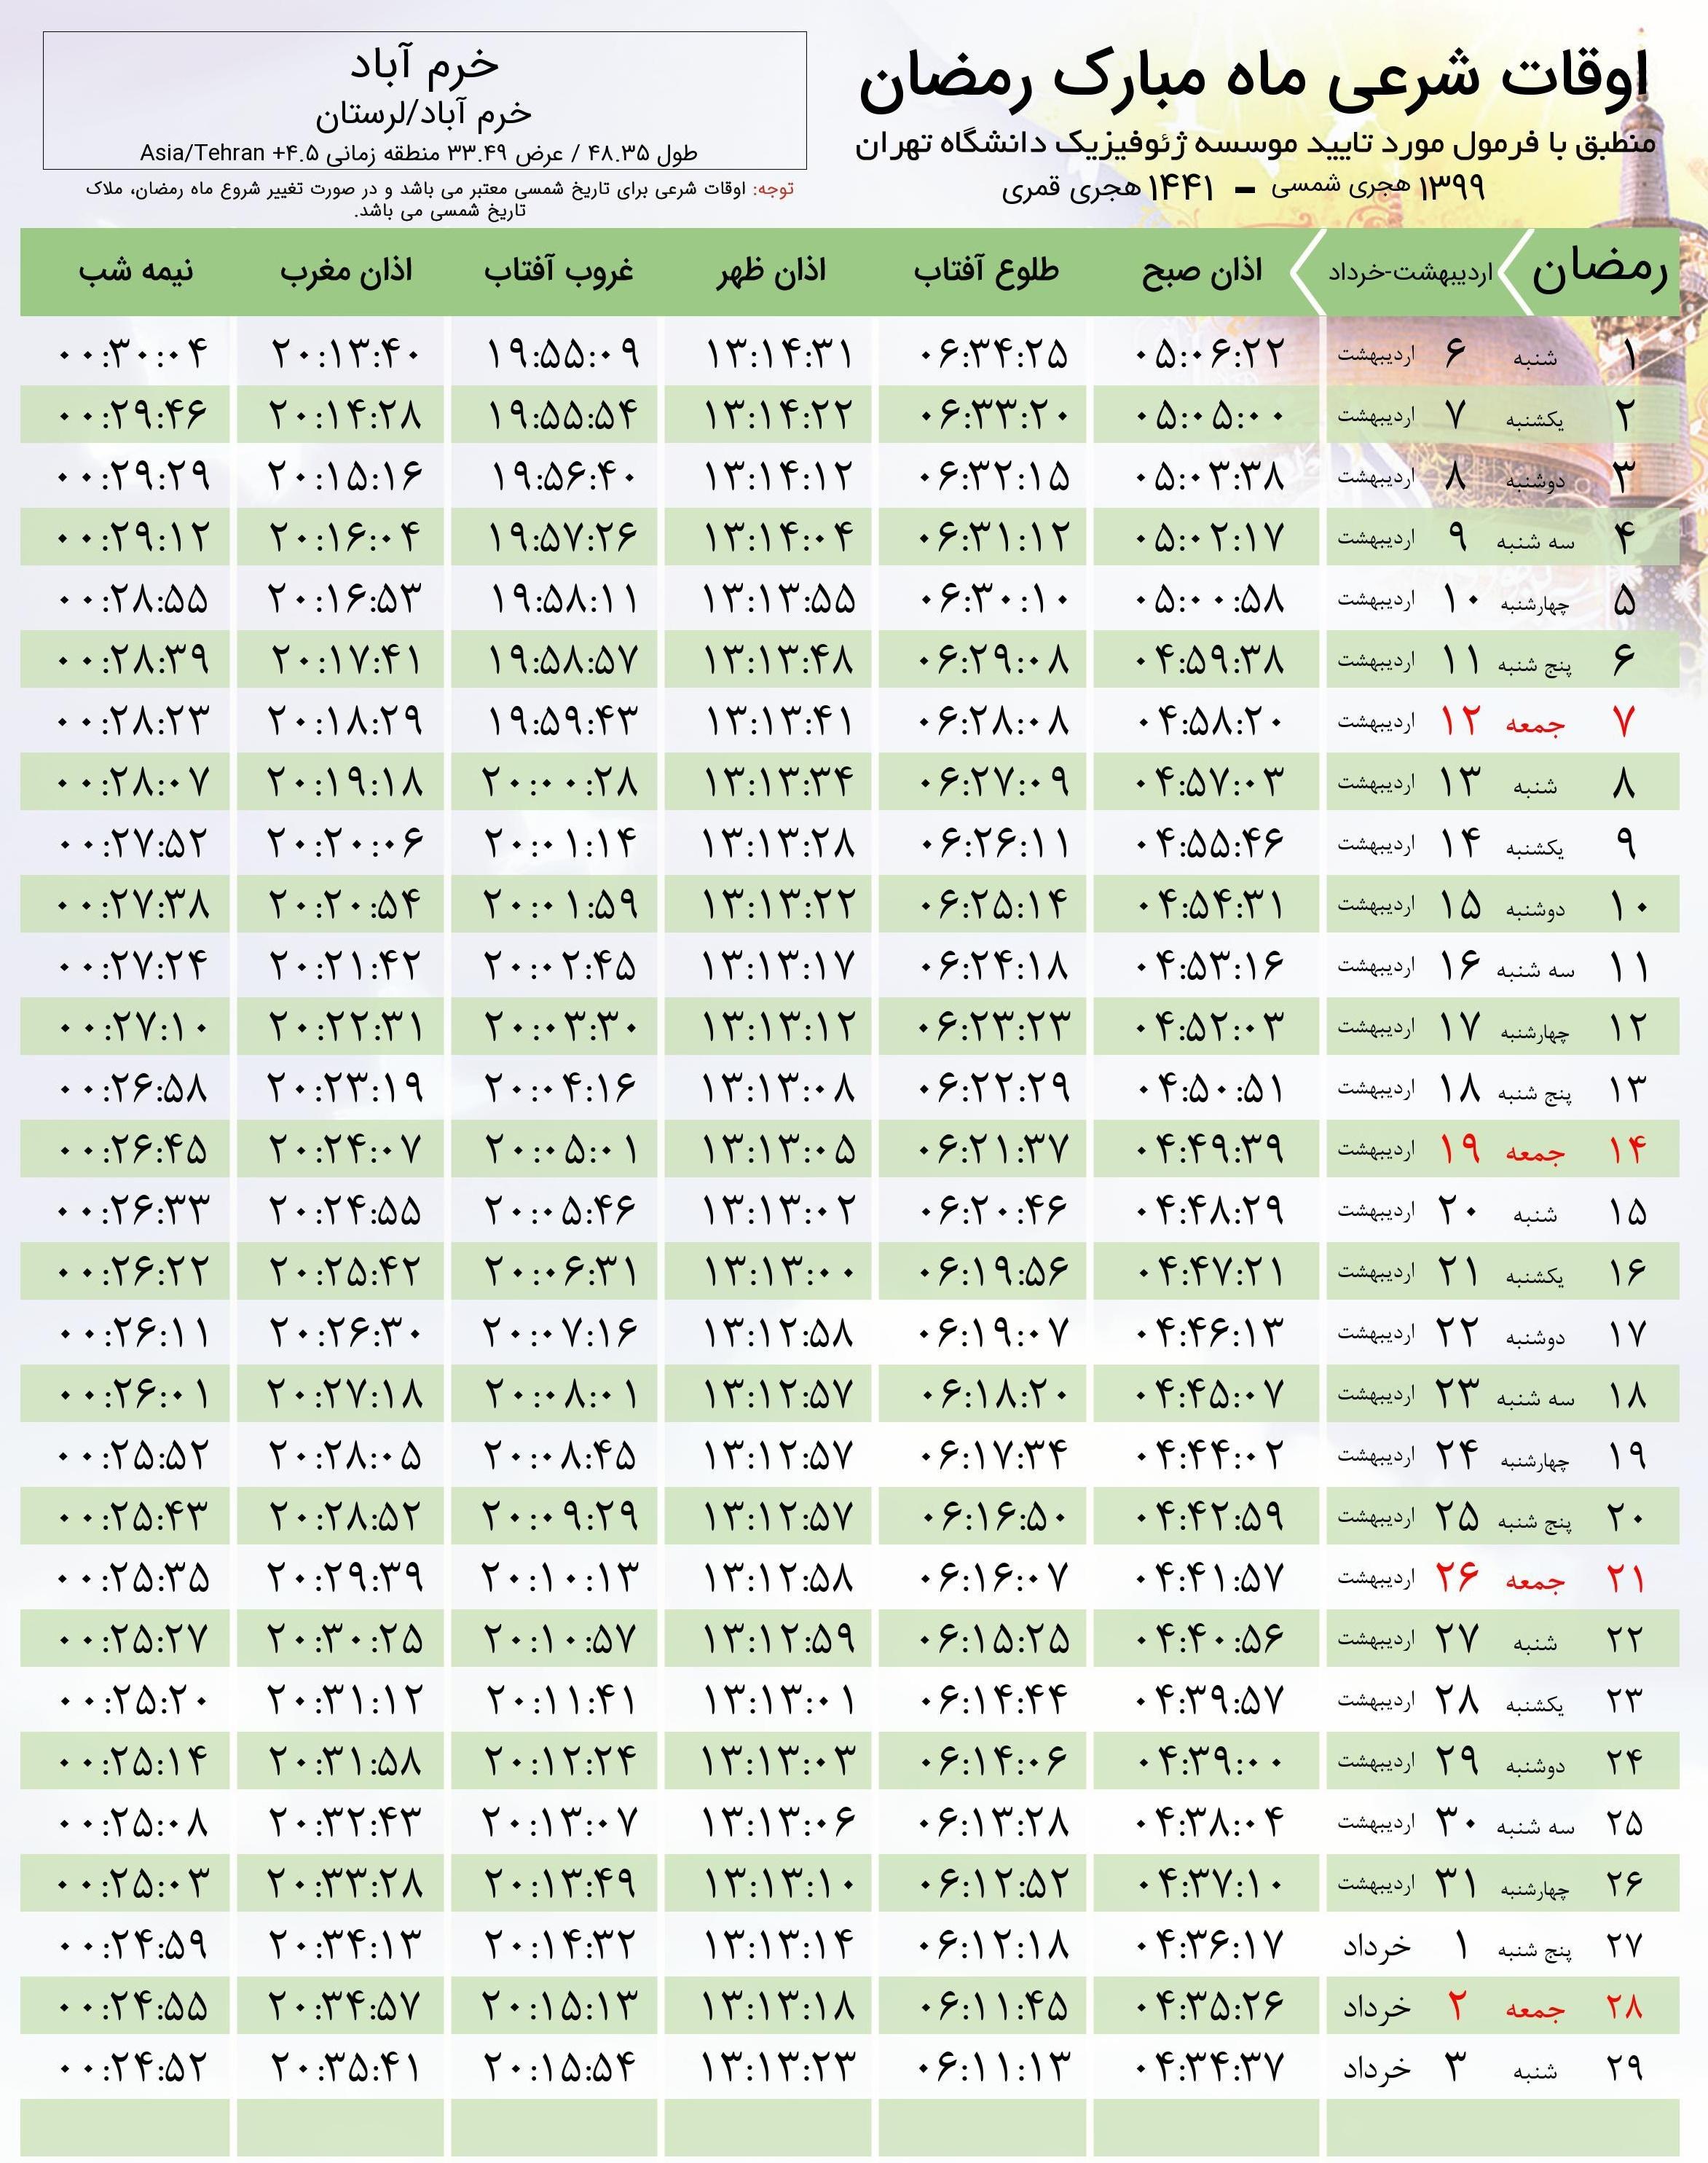 اوقات شرعی اردیبهشت ماه و ماه مبارک رمضان ۹۹ به افق خرم آباد